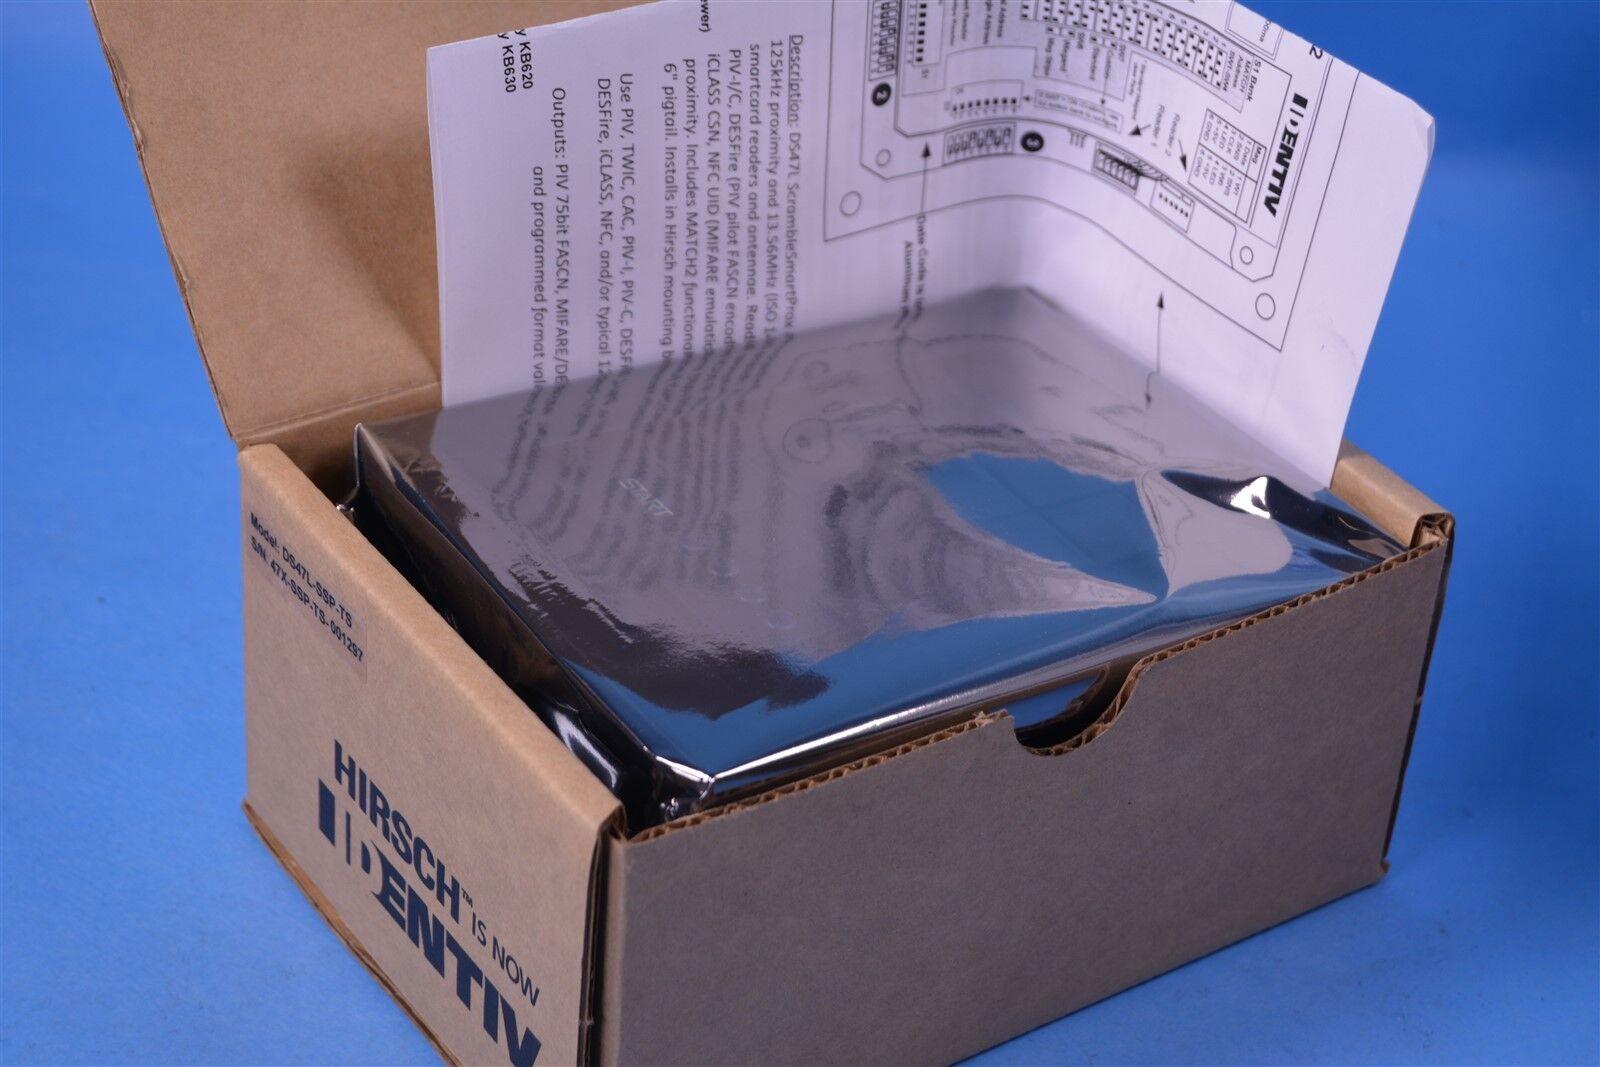 Hirsch scramblepad TS identiv utrust combinación de puerta de seguridad del negocio Pad